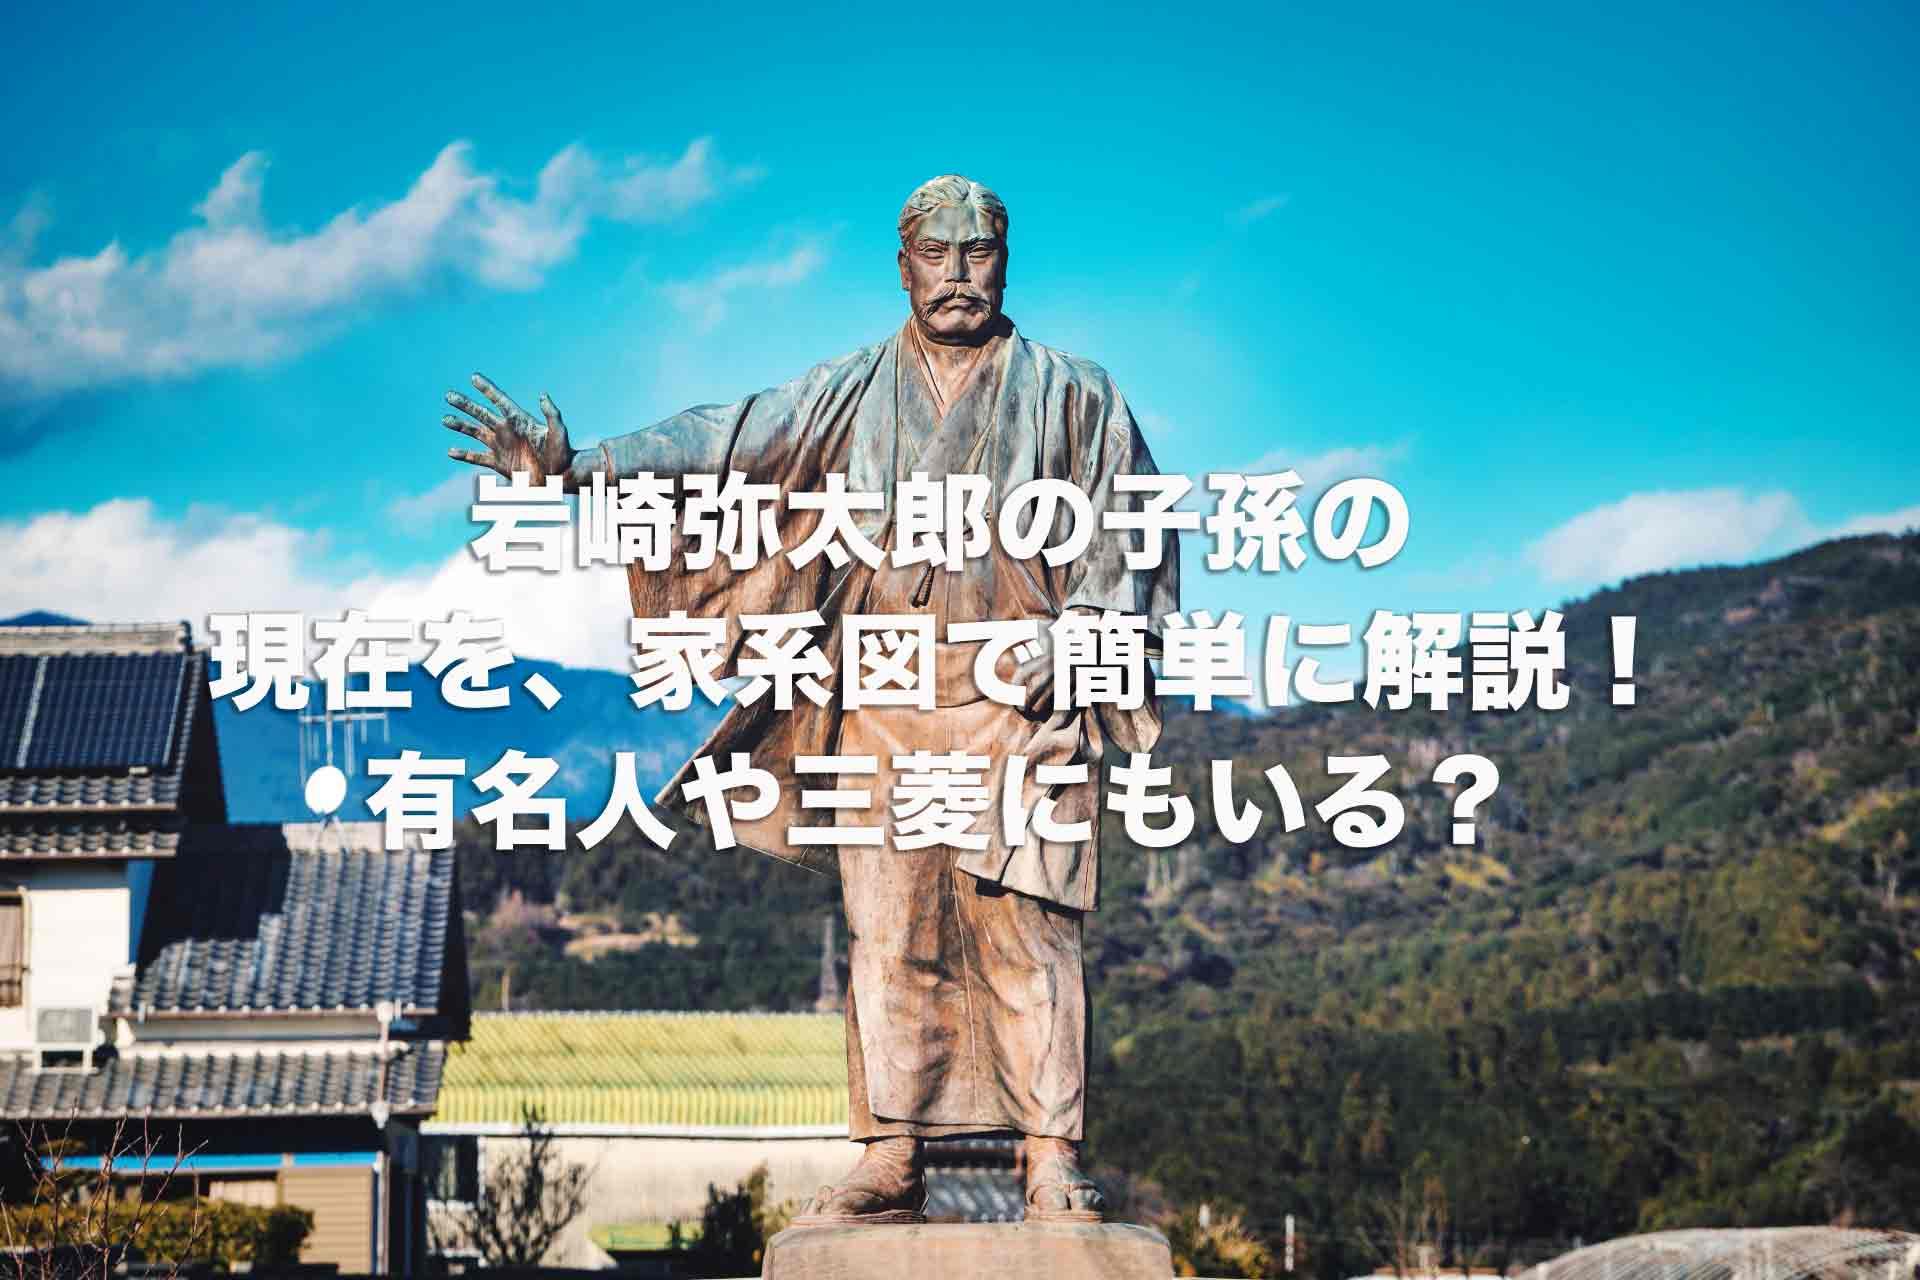 岩崎弥太郎の子孫の現在を、家系図で簡単に解説!有名人や三菱にもいる?